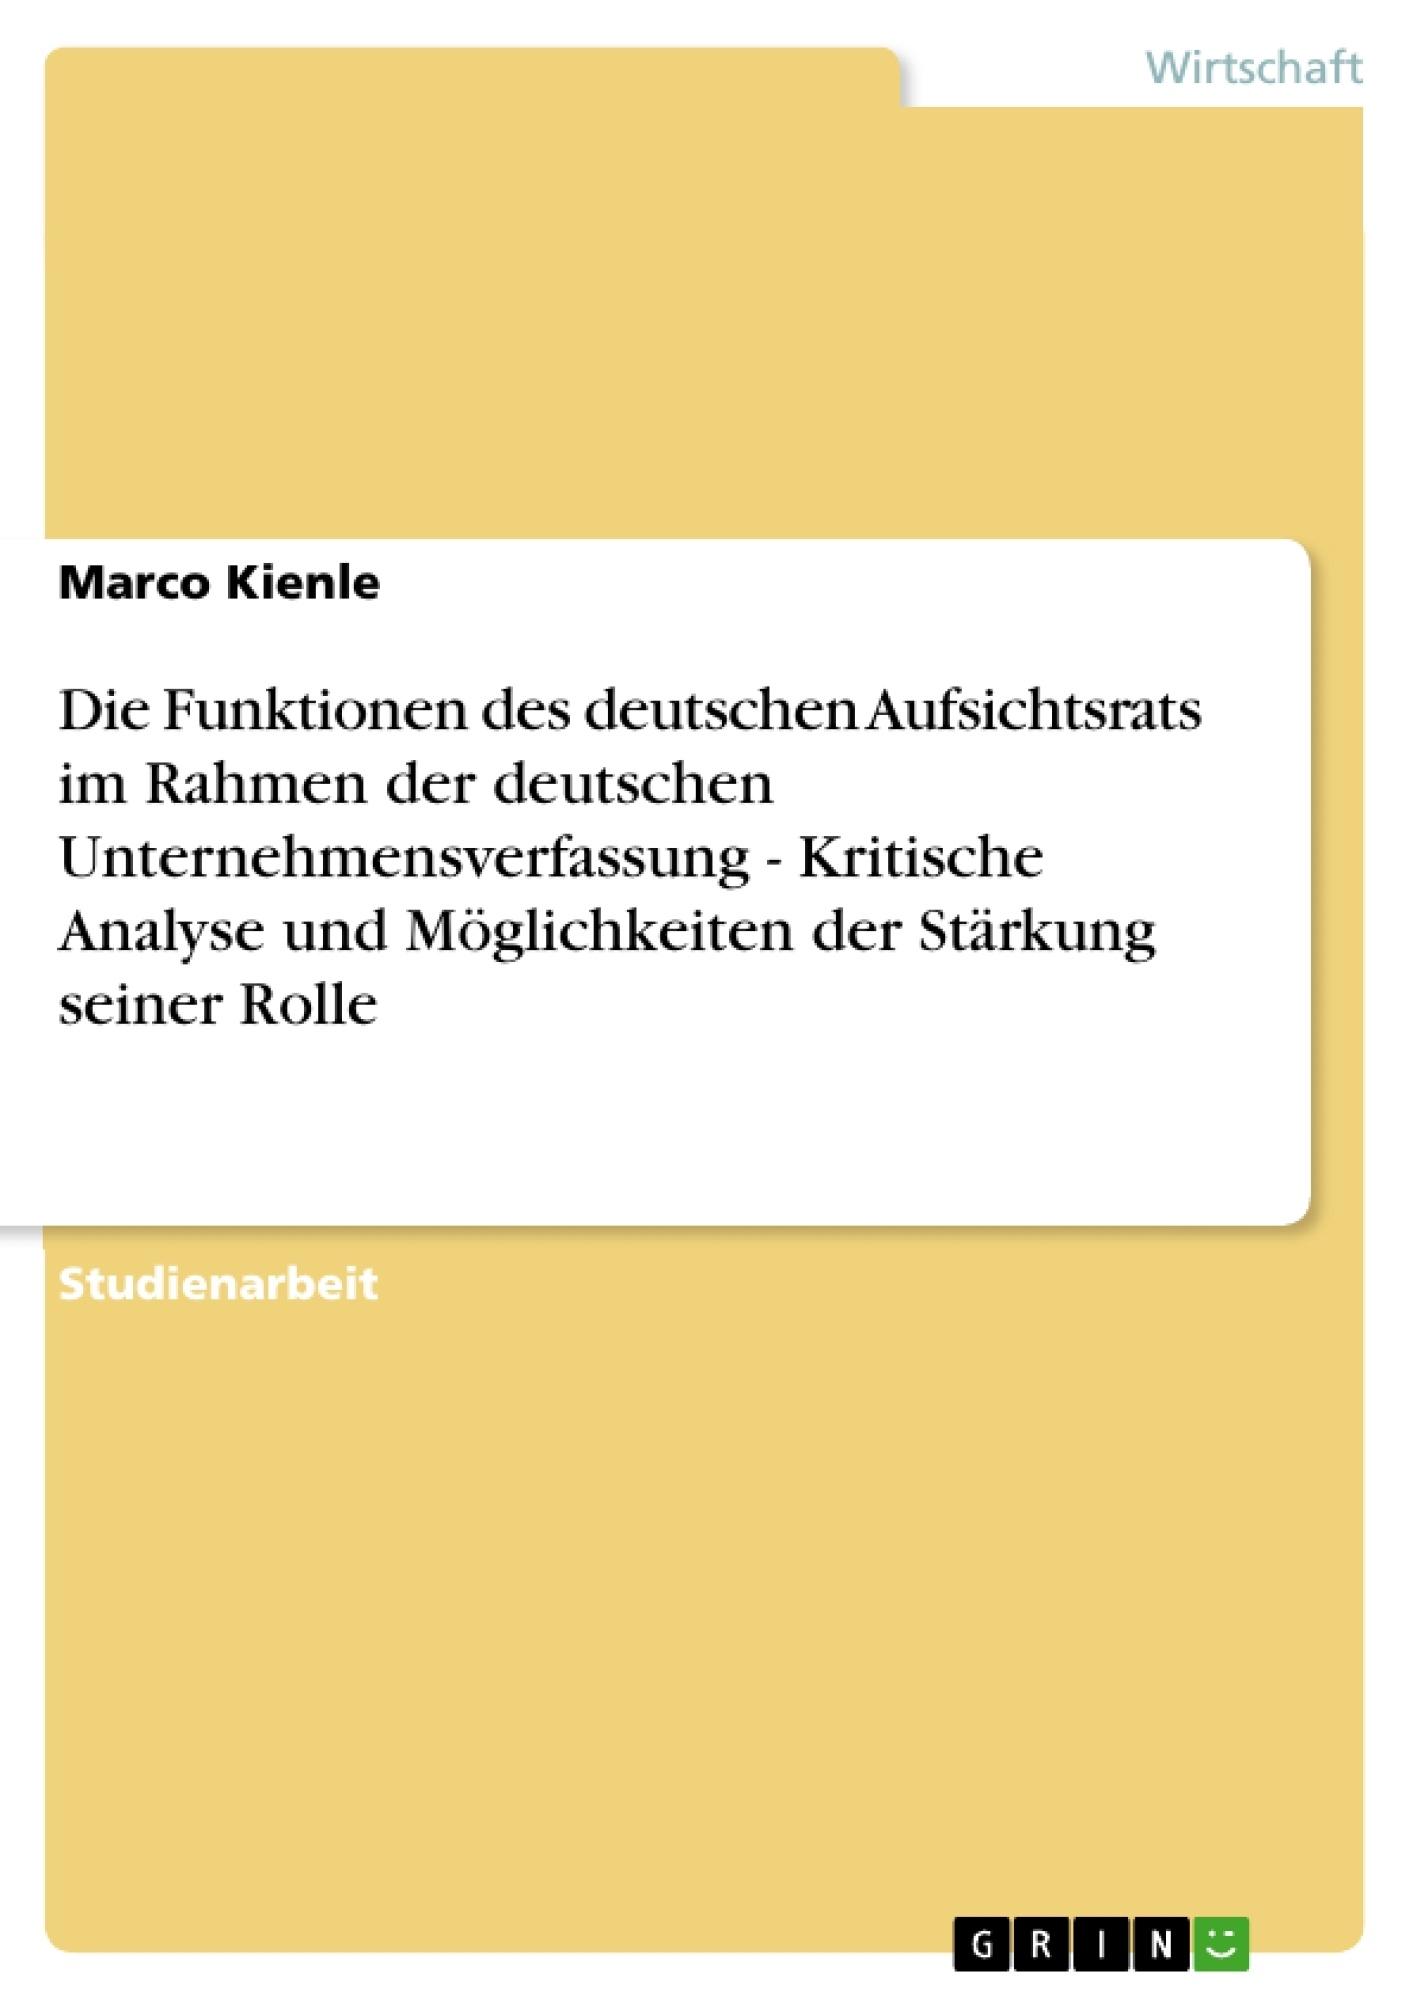 Titel: Die Funktionen des deutschen Aufsichtsrats im Rahmen der deutschen Unternehmensverfassung - Kritische Analyse und Möglichkeiten der Stärkung seiner Rolle